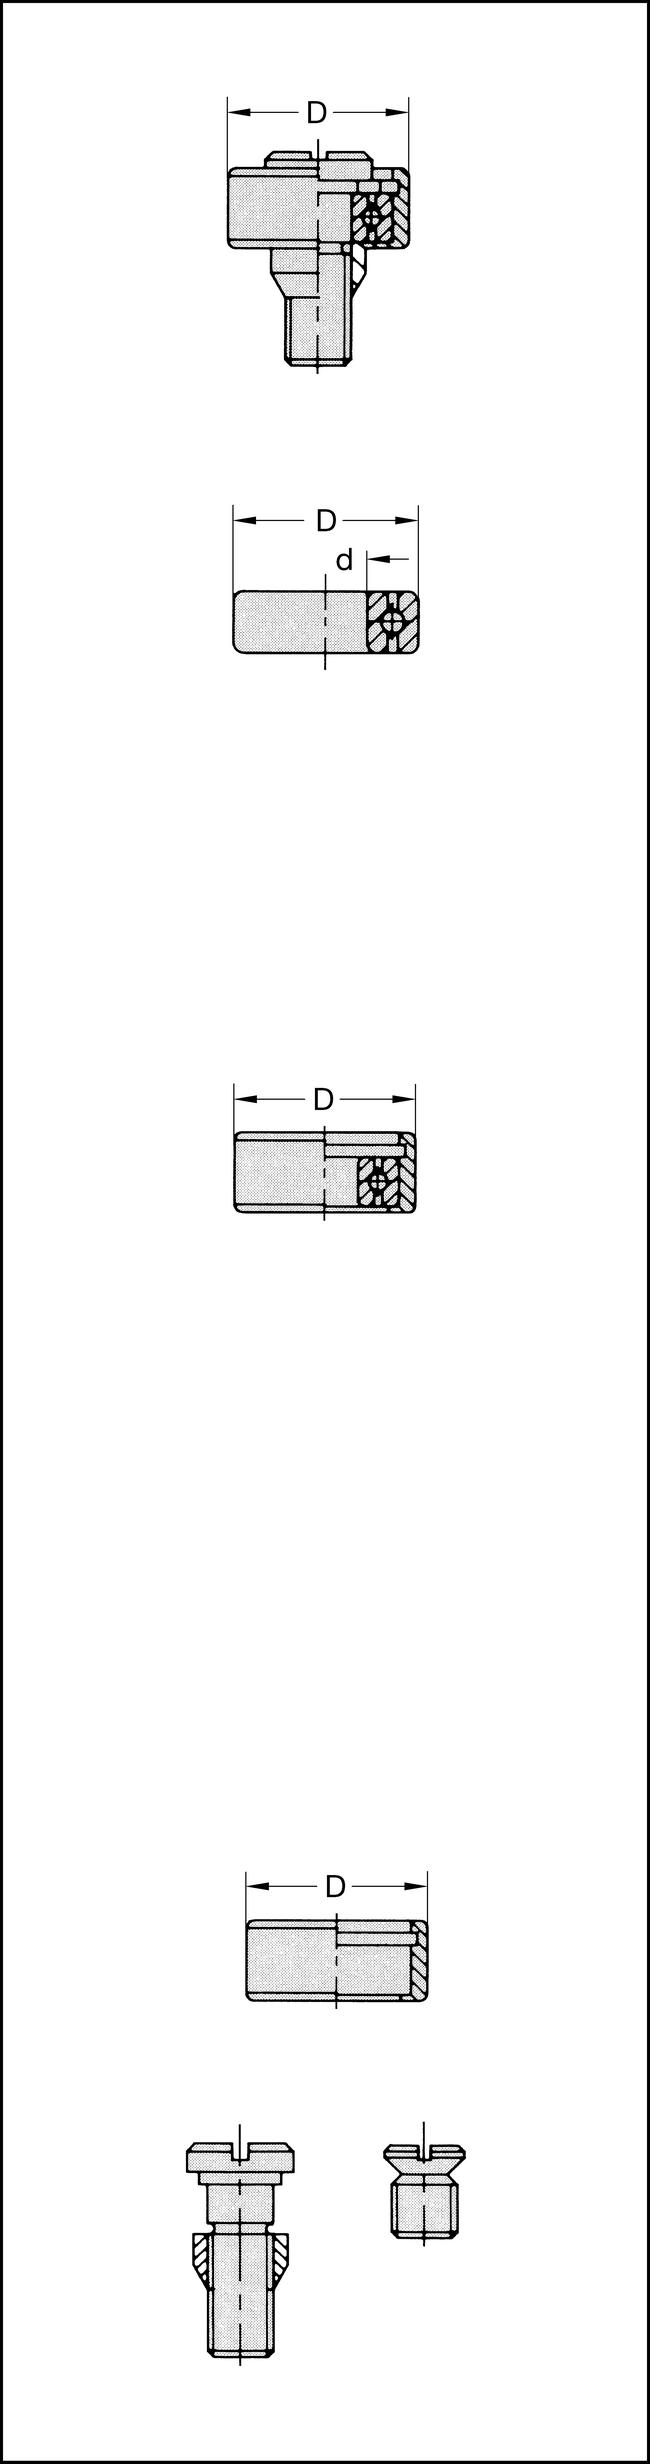 Kugellager 20mm d=6,35mm 5 GRAD